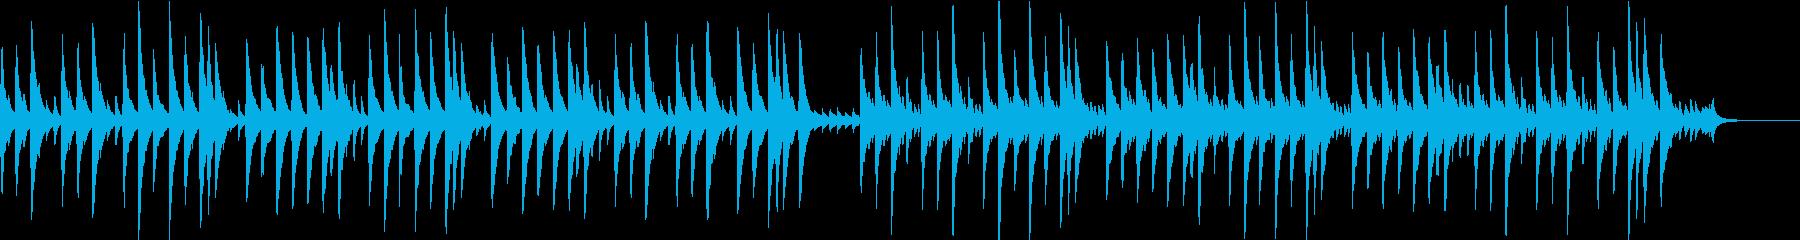 さくらさくらのオルゴールバージョンの再生済みの波形